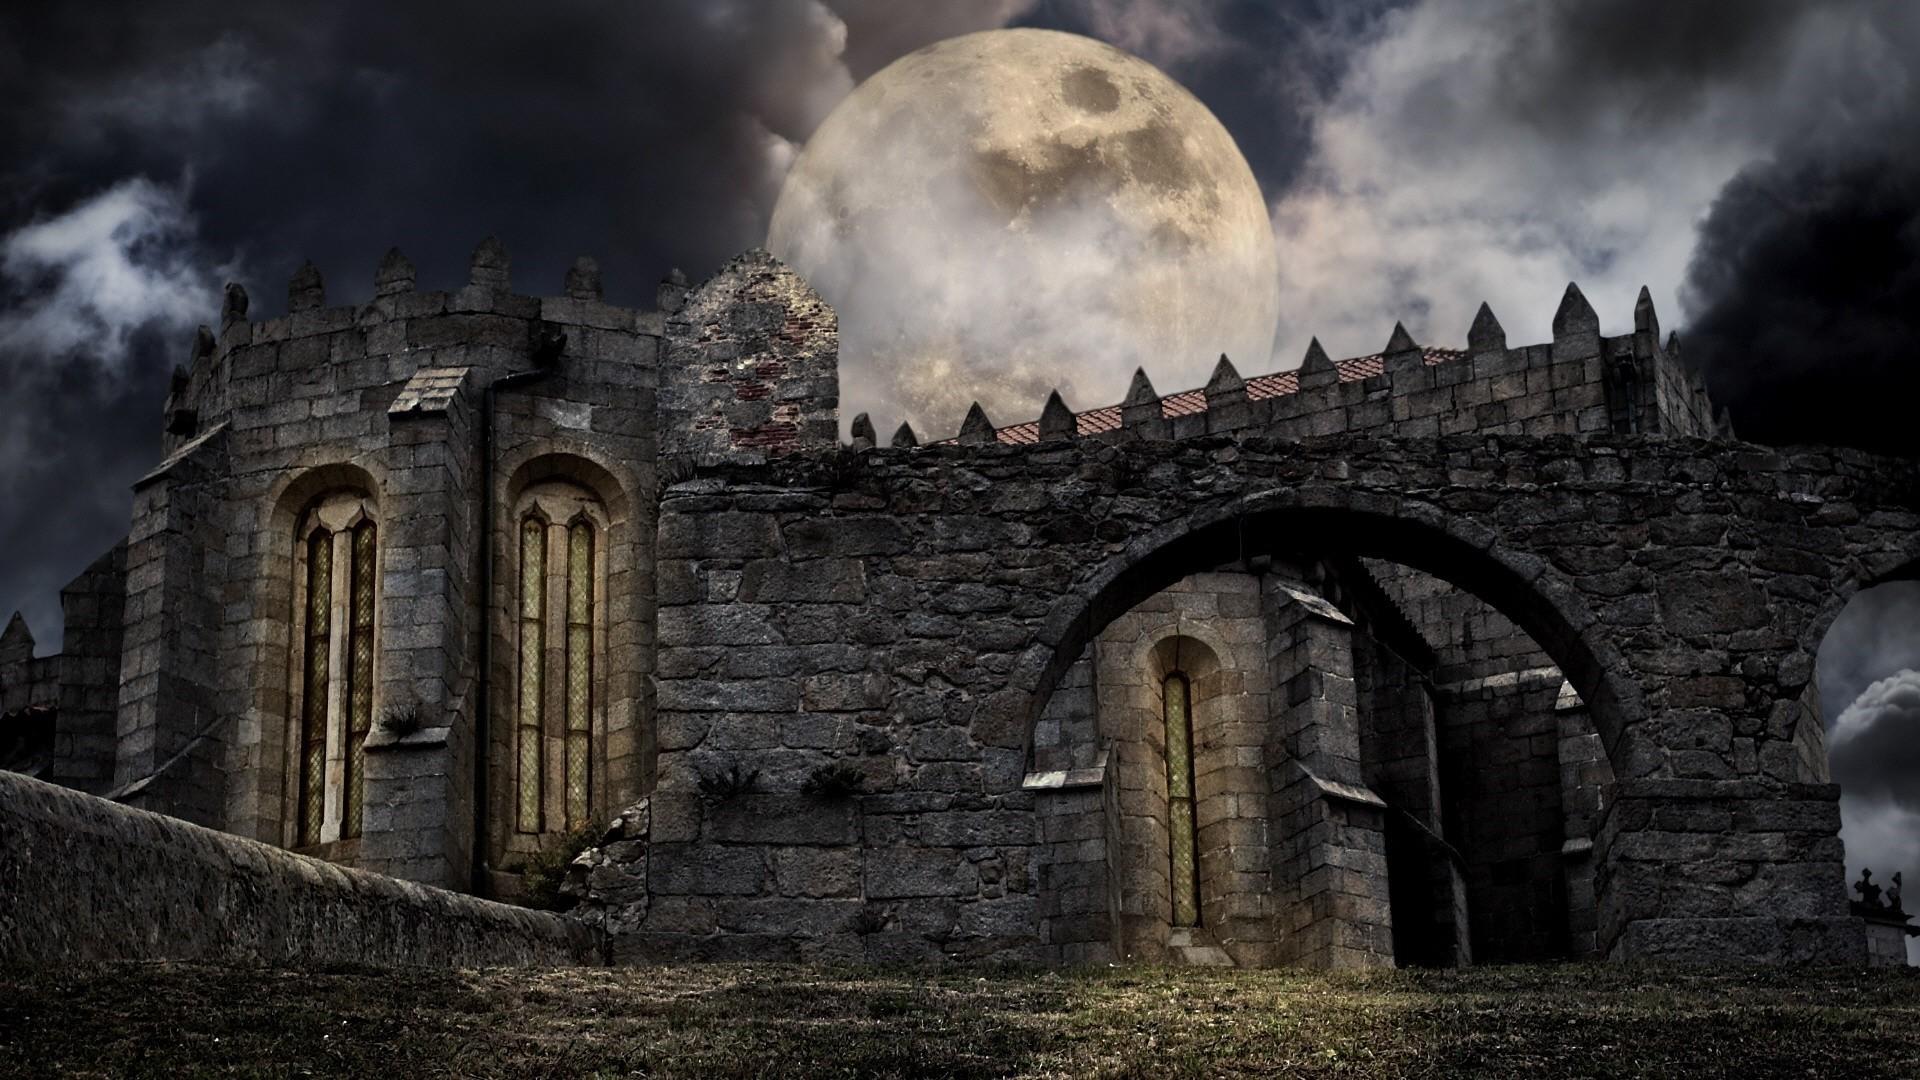 Gothic Castle PC Wallpaper HD